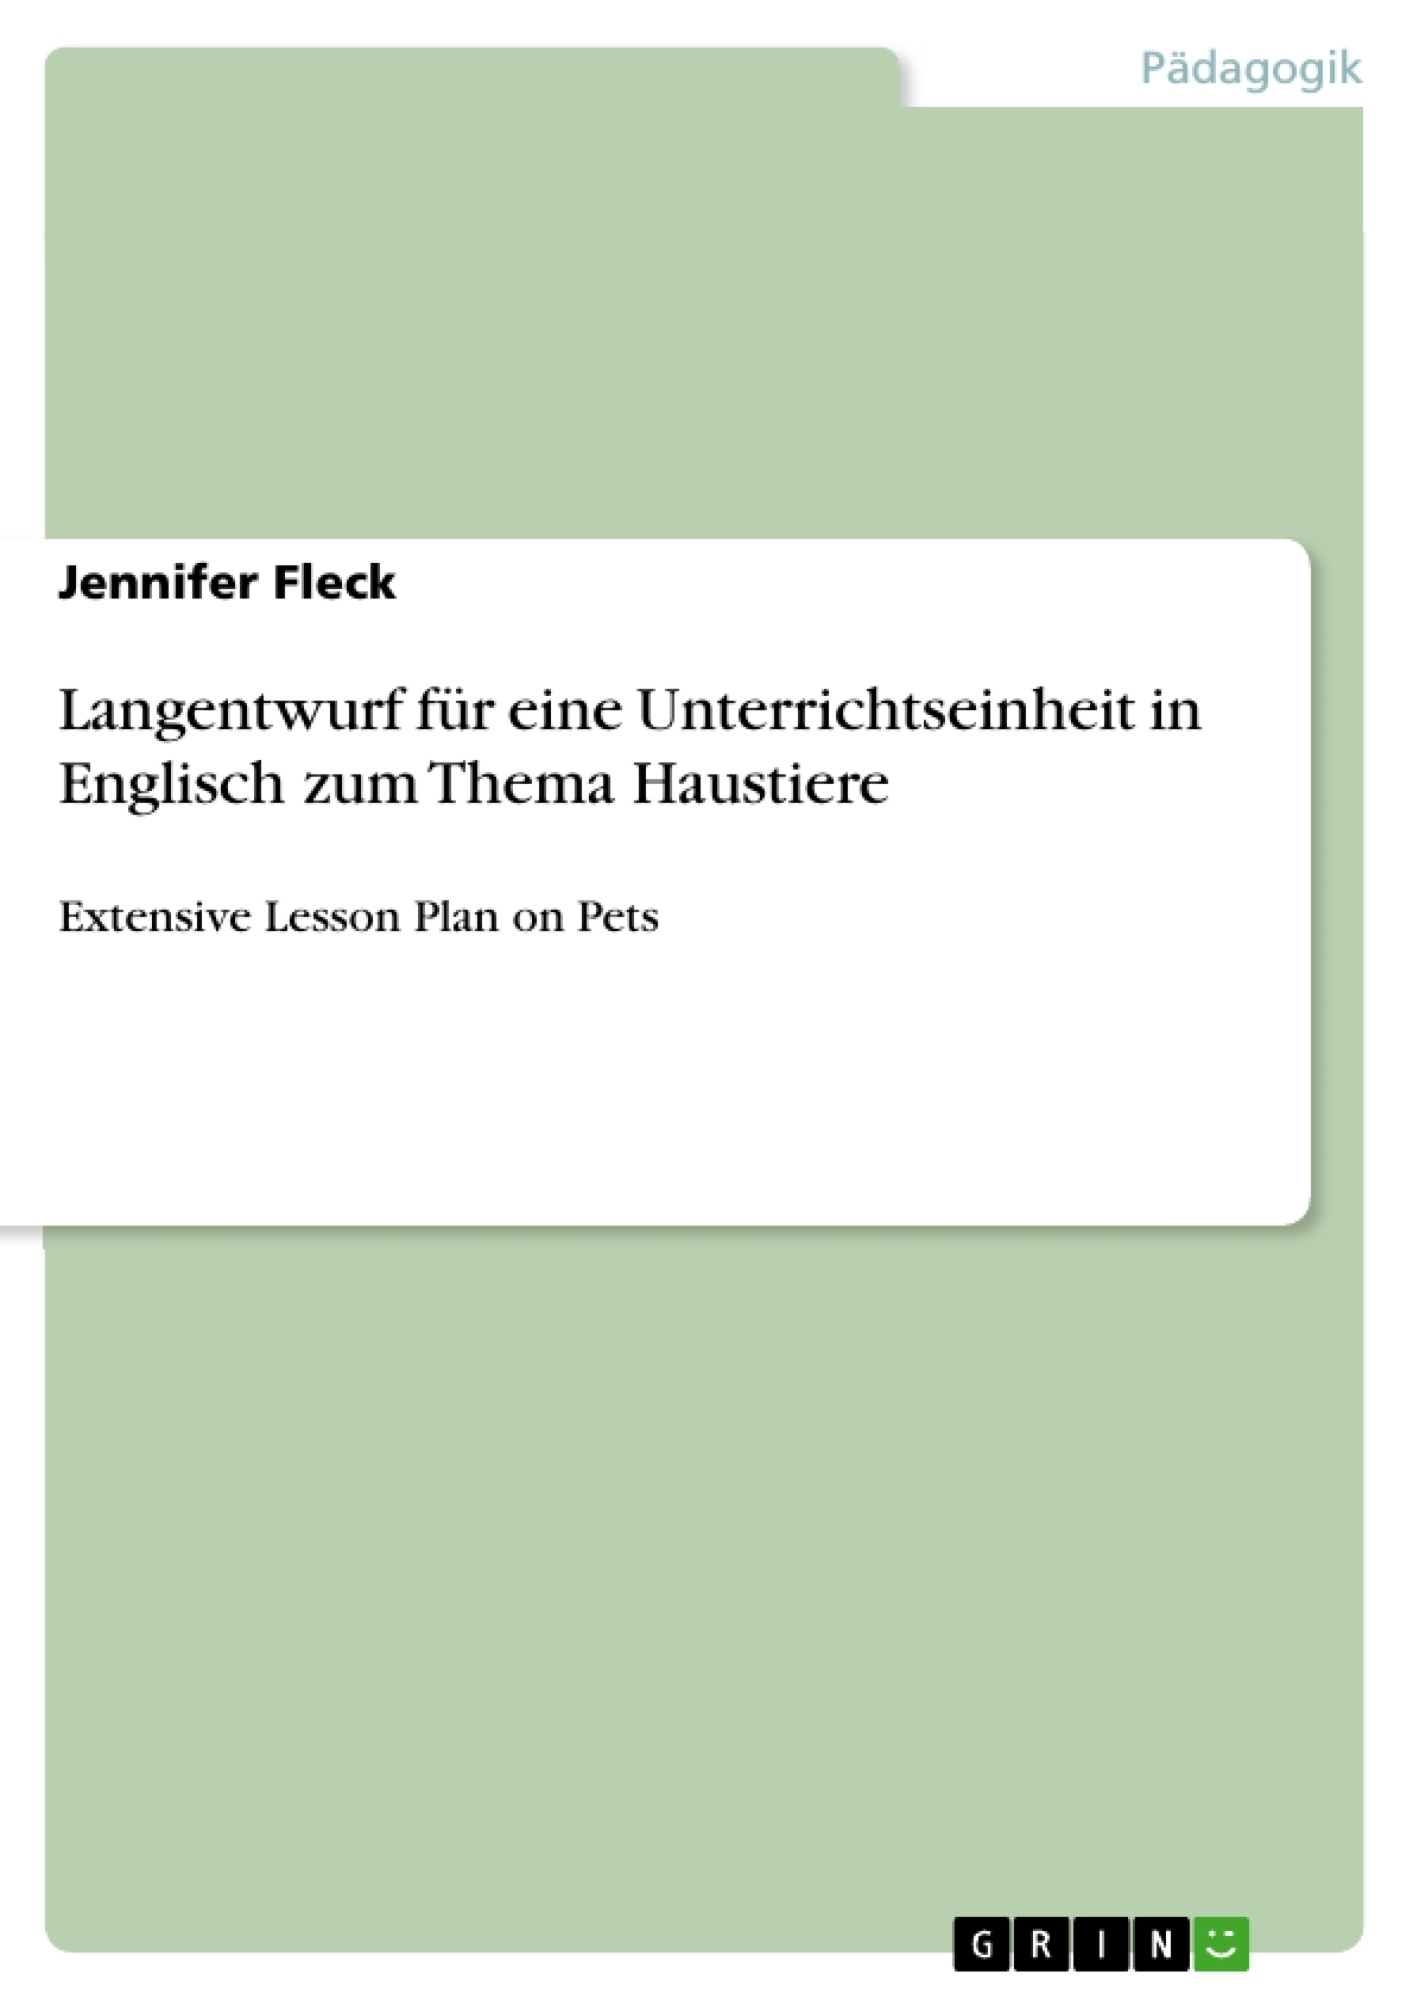 Titel: Langentwurf für eine Unterrichtseinheit in Englisch zum Thema Haustiere